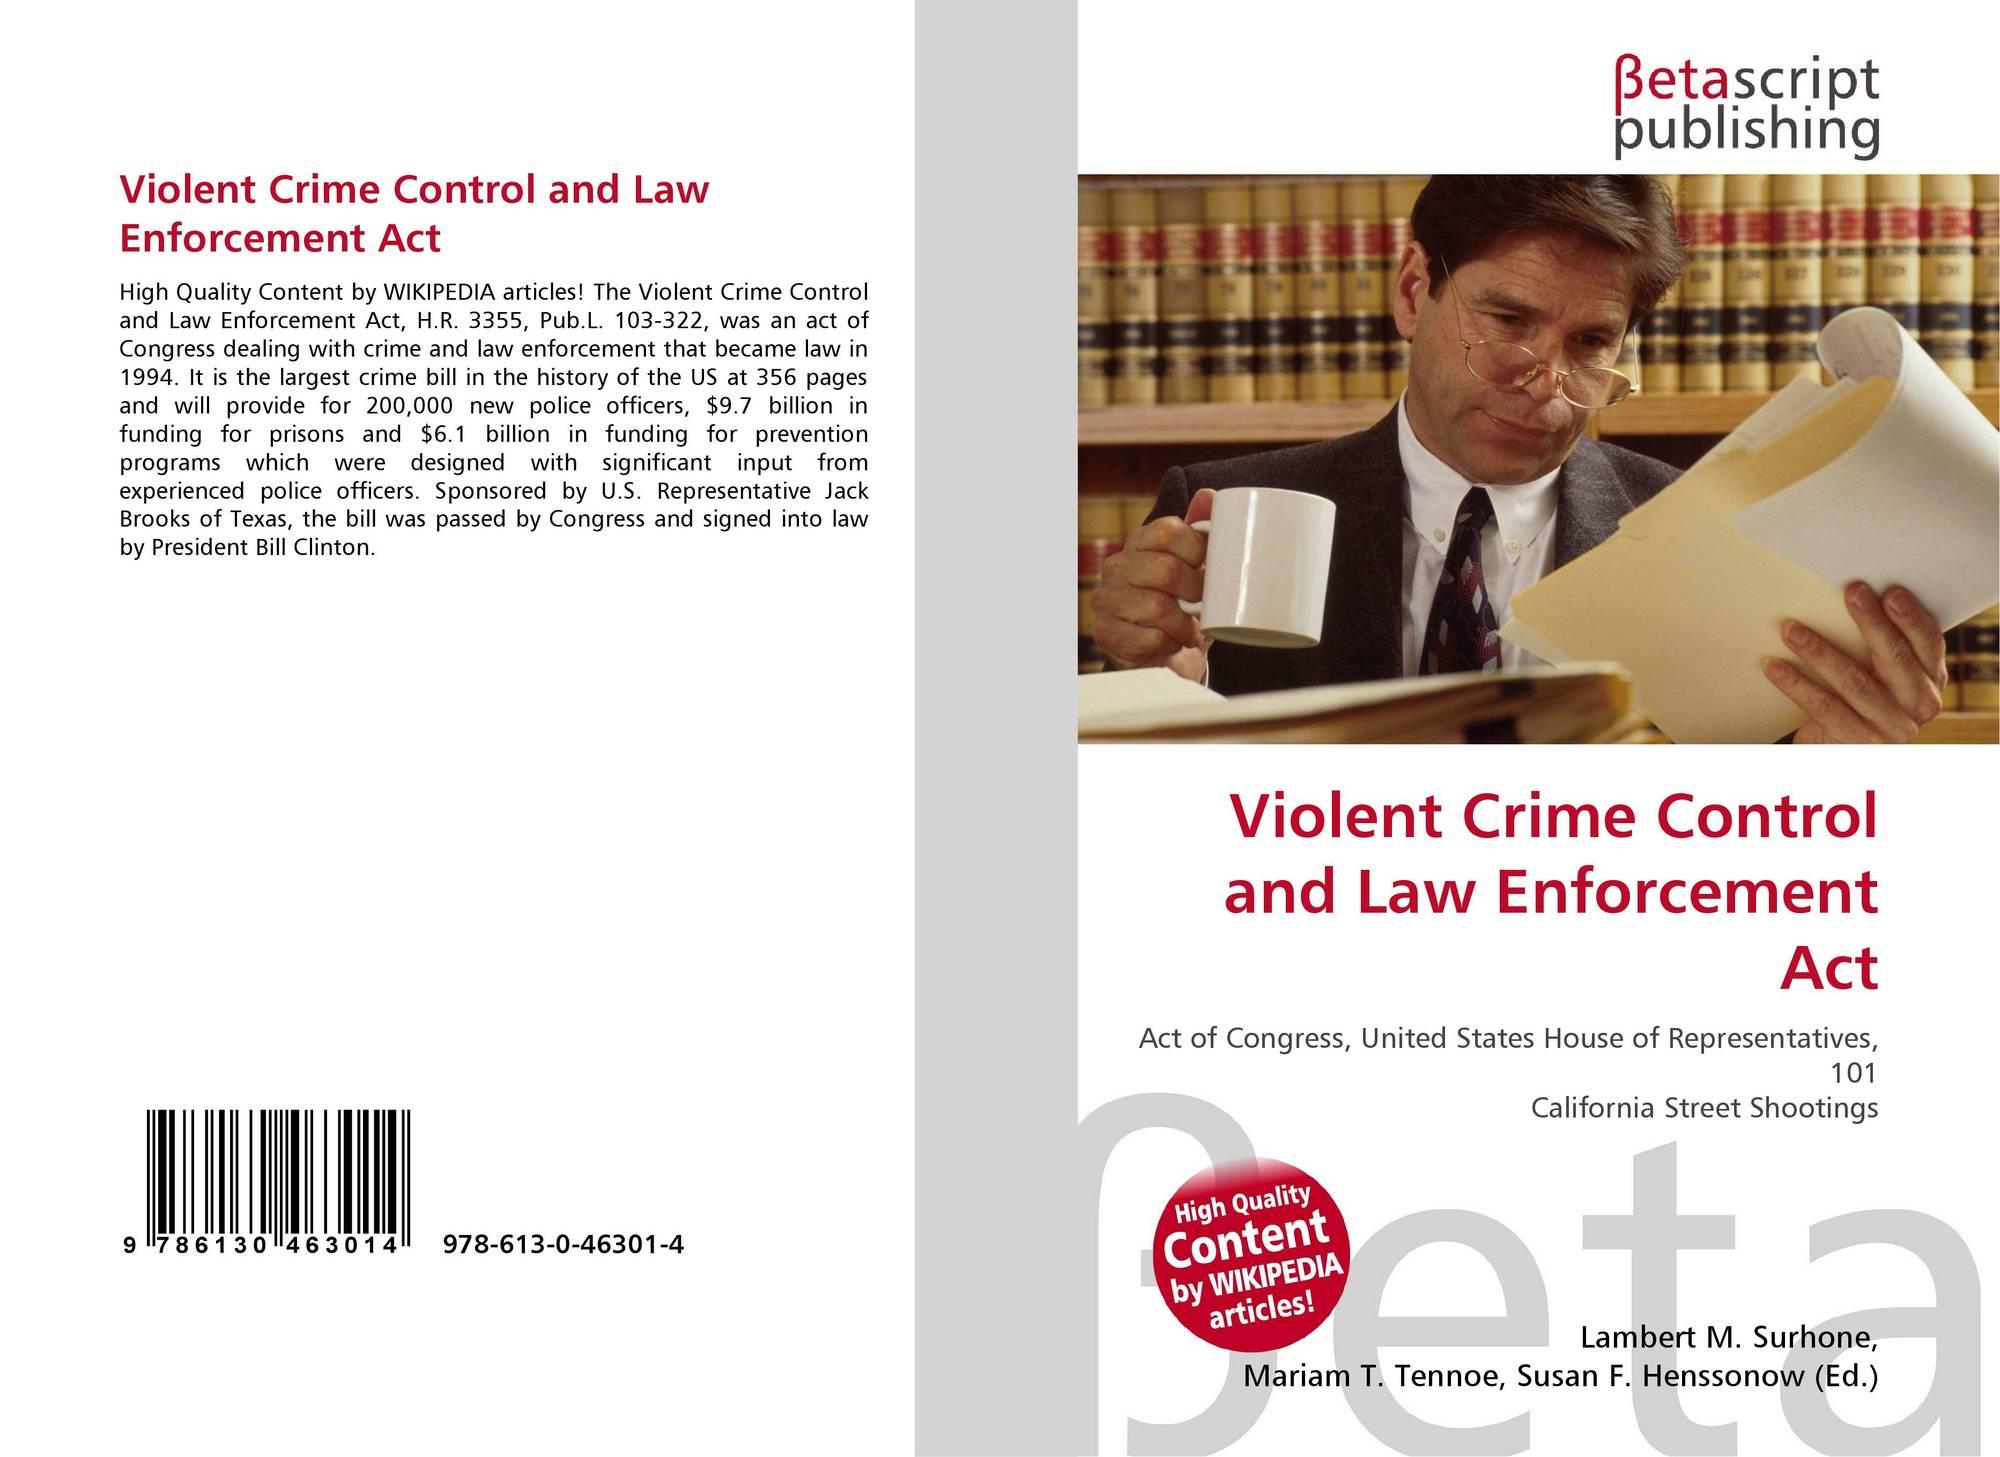 criminal intelligence and violent crime